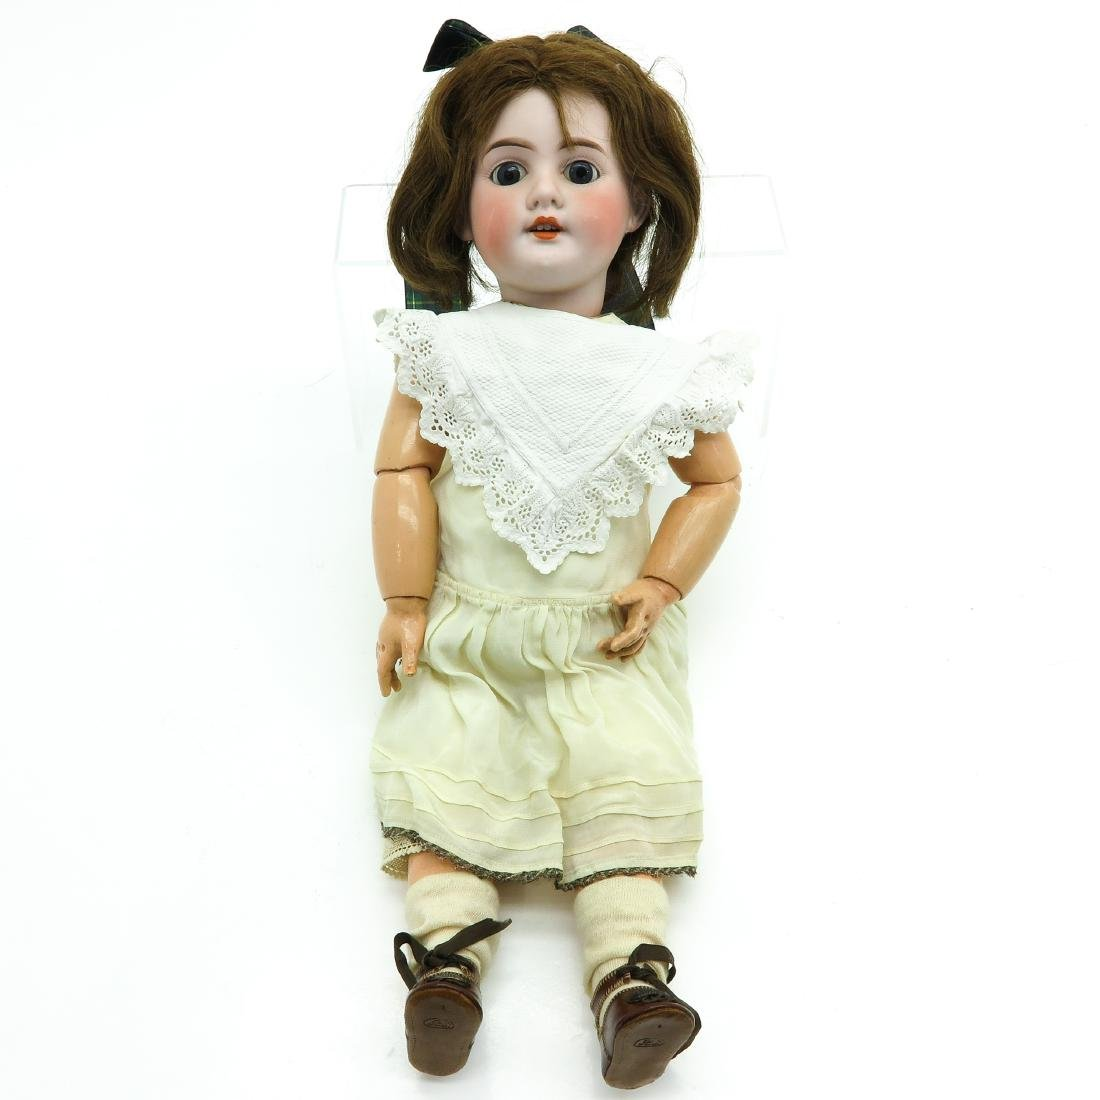 An Antique Armand Marseille Doll